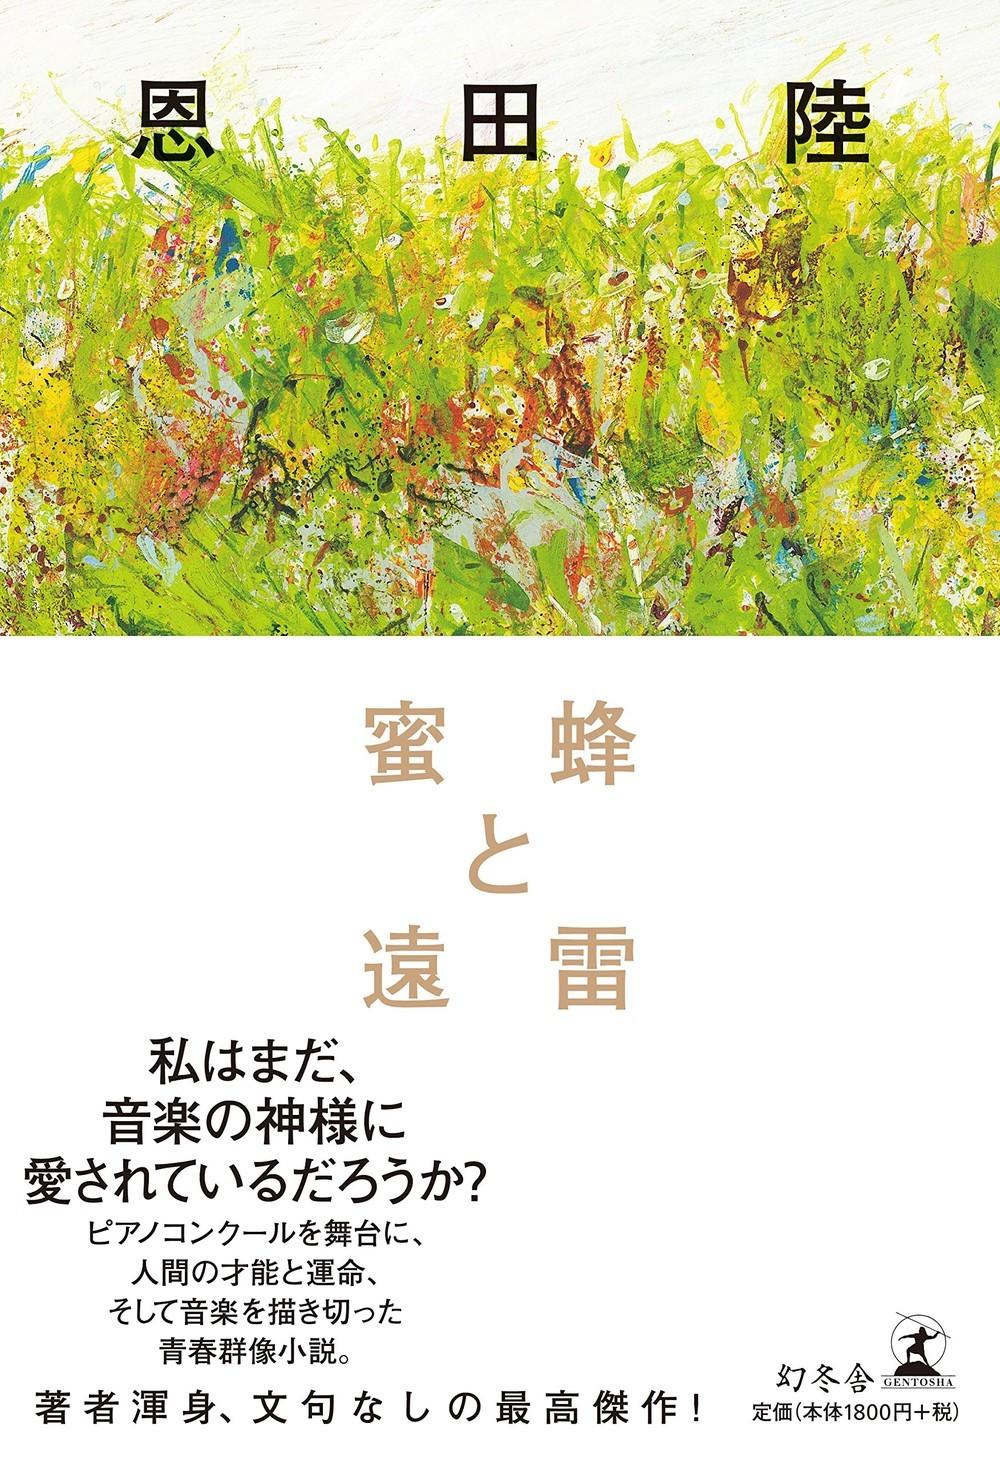 蜜蜂と遠雷(著:恩田陸 幻冬舎 画像はアマゾンから)